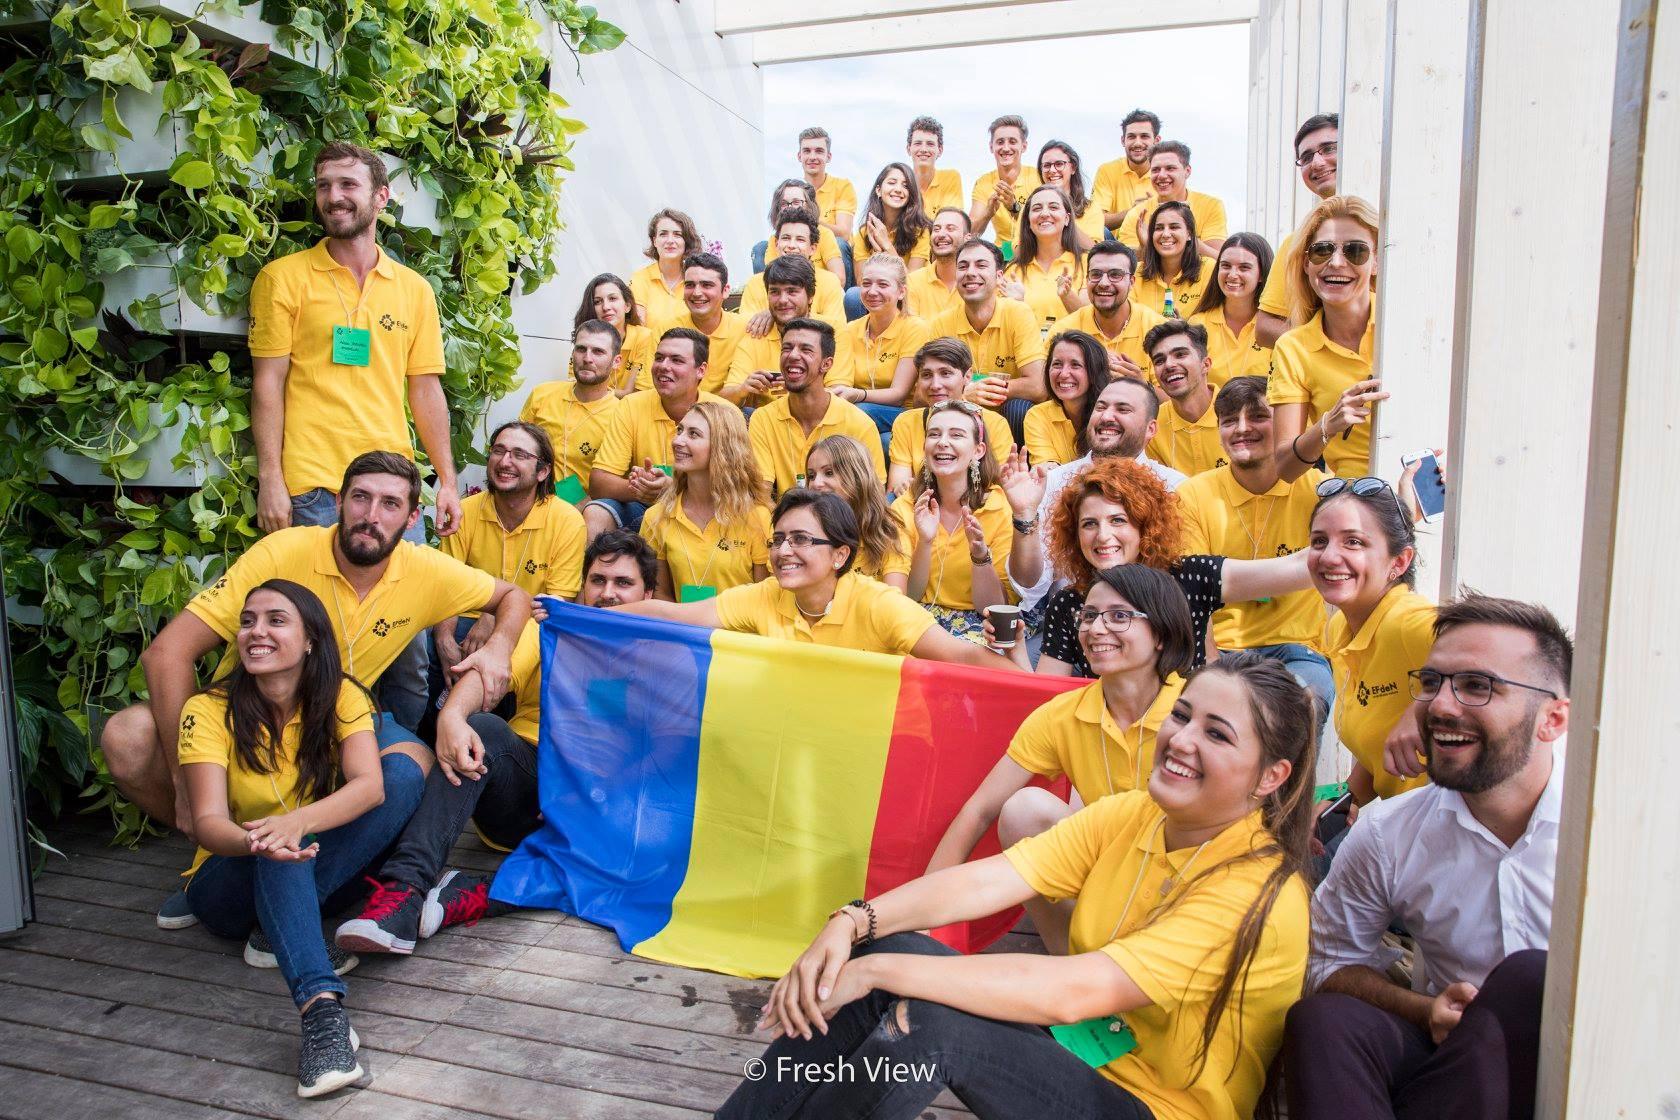 Echipa EFdeN mai are nevoie de 20% din buget pentru a ajunge în competiția Solar Decathlon